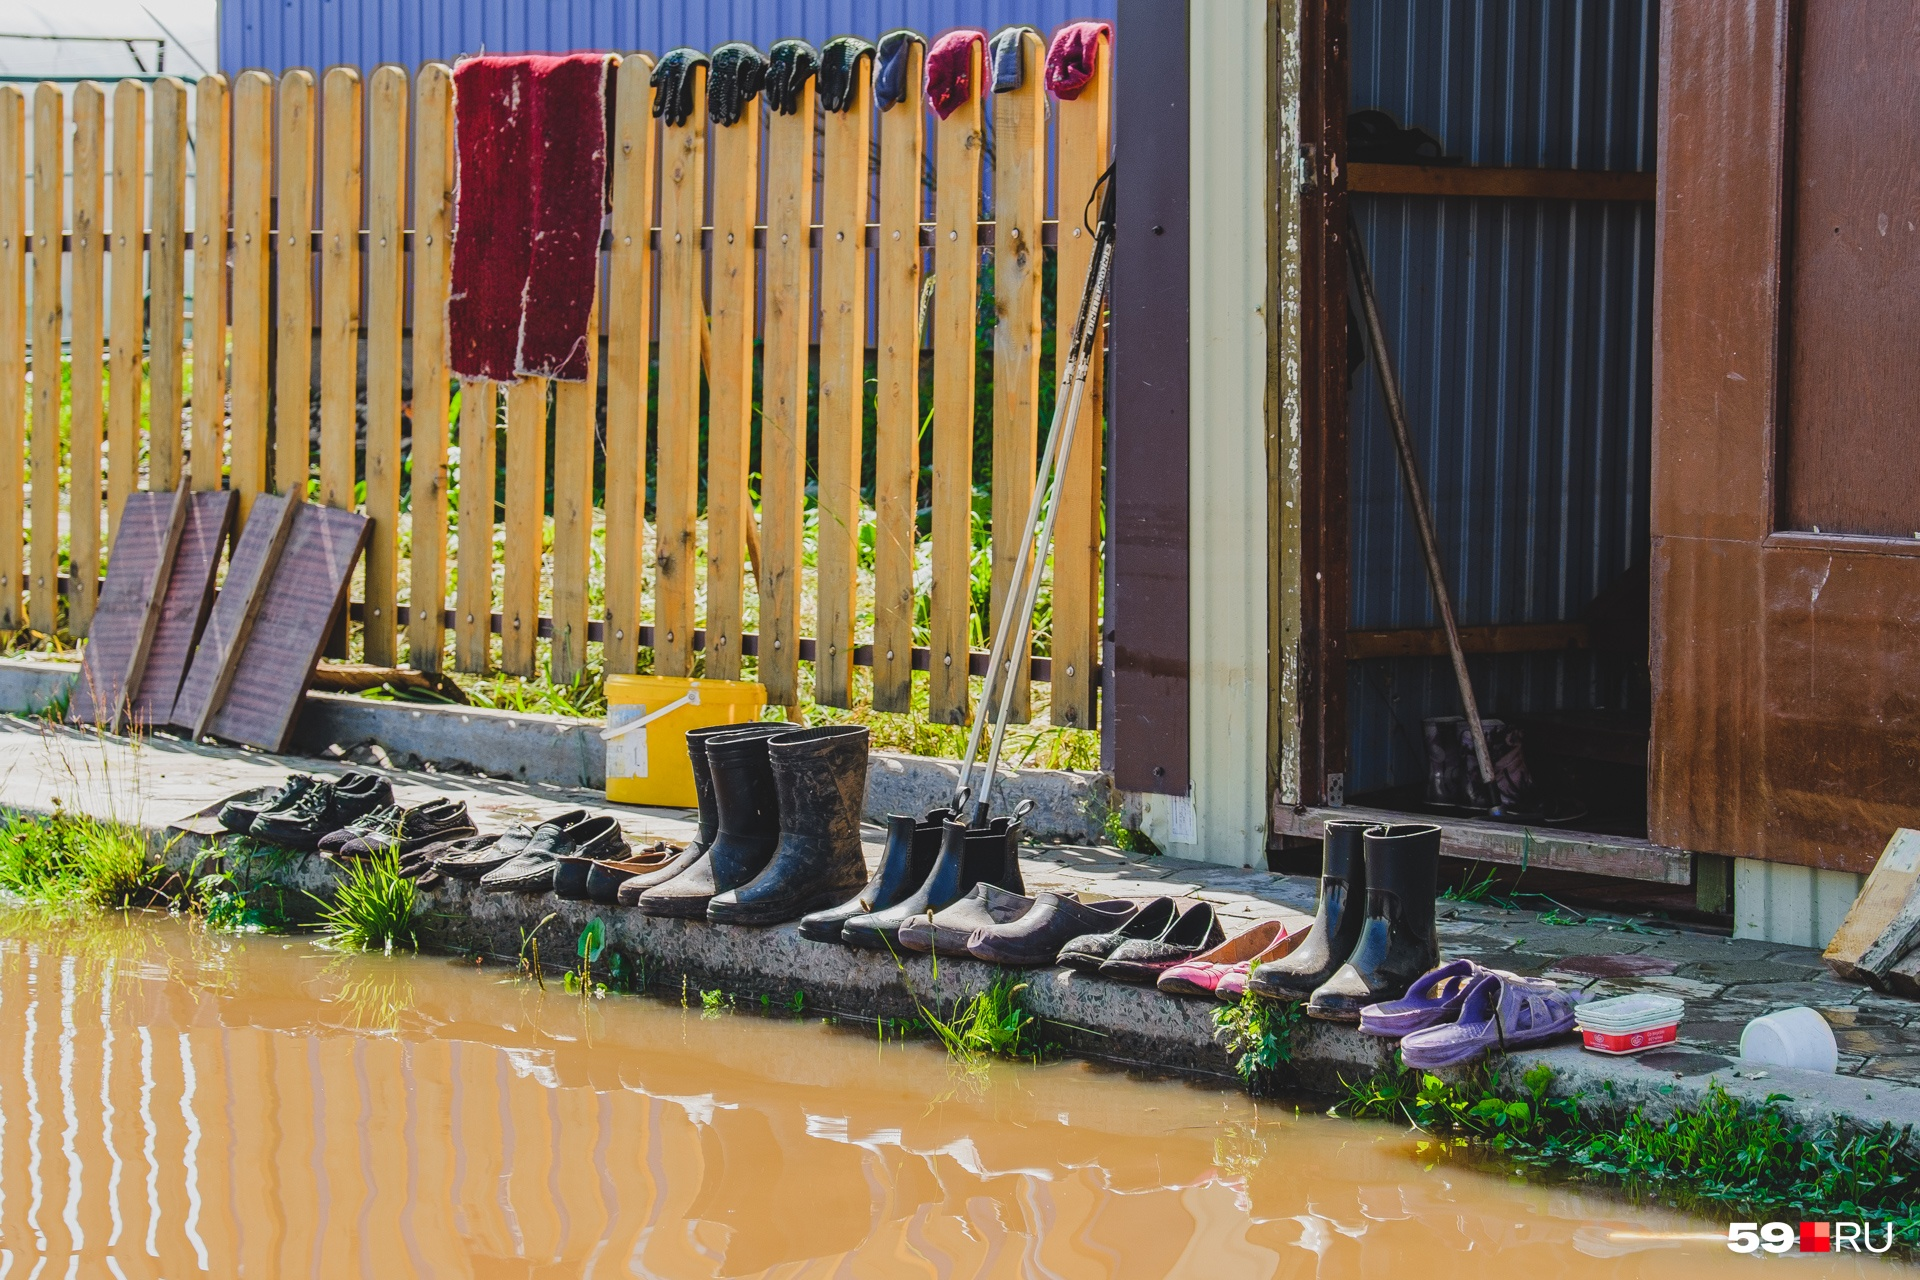 """В этом году от <a href=""""https://59.ru/text/incidents/66167470/"""" target=""""_blank"""" class=""""_"""">большой воды пострадали</a> поселки Коми-Пермяцкого округа. Наши корреспонденты приехали в Юрлу, где местные жители спасались от воды как могли"""